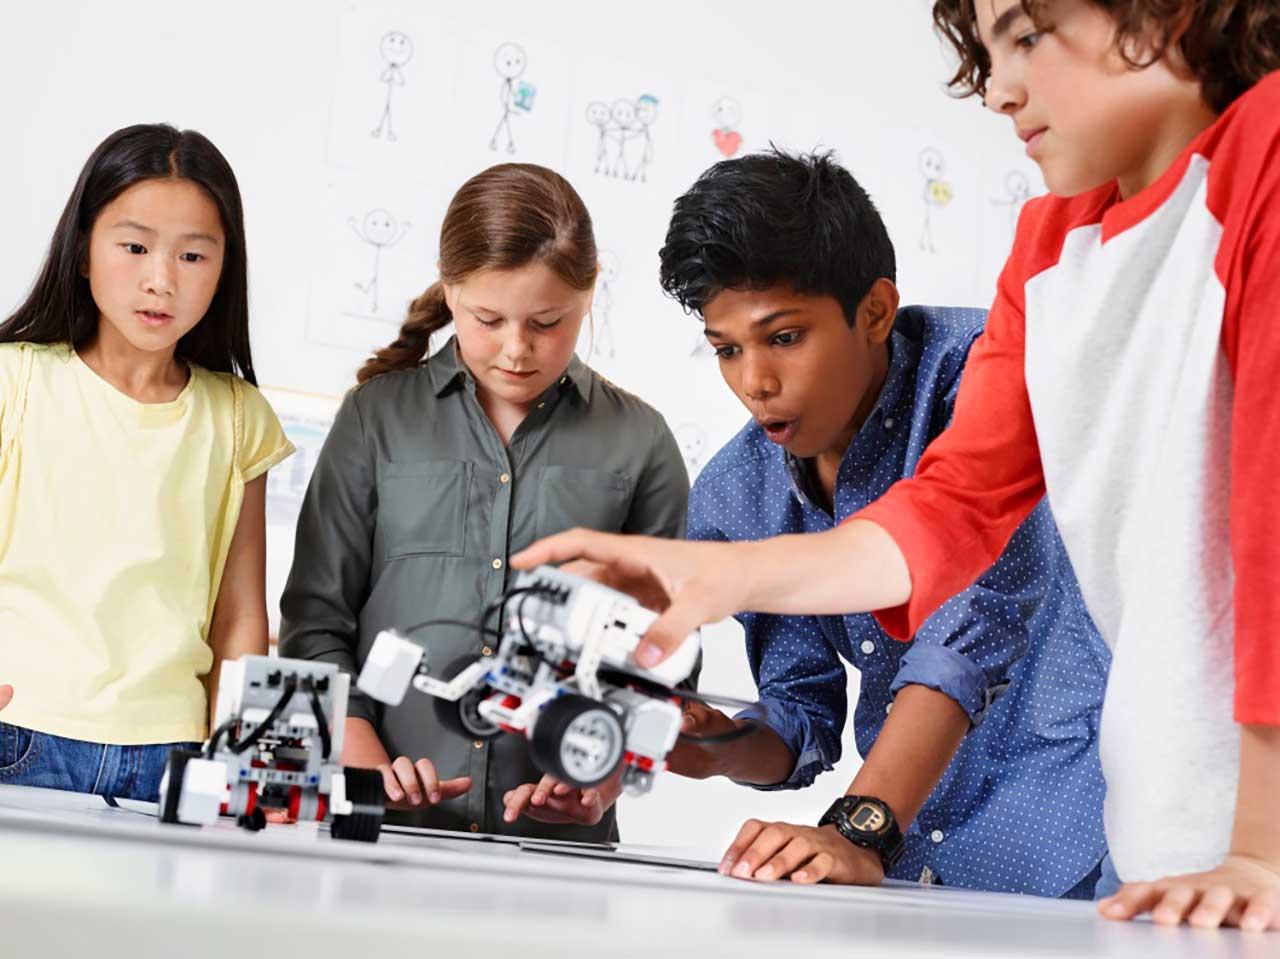 راهنمای خرید کیت آموزشی الکترونیک و رباتیک مقدماتی و پیشرفته